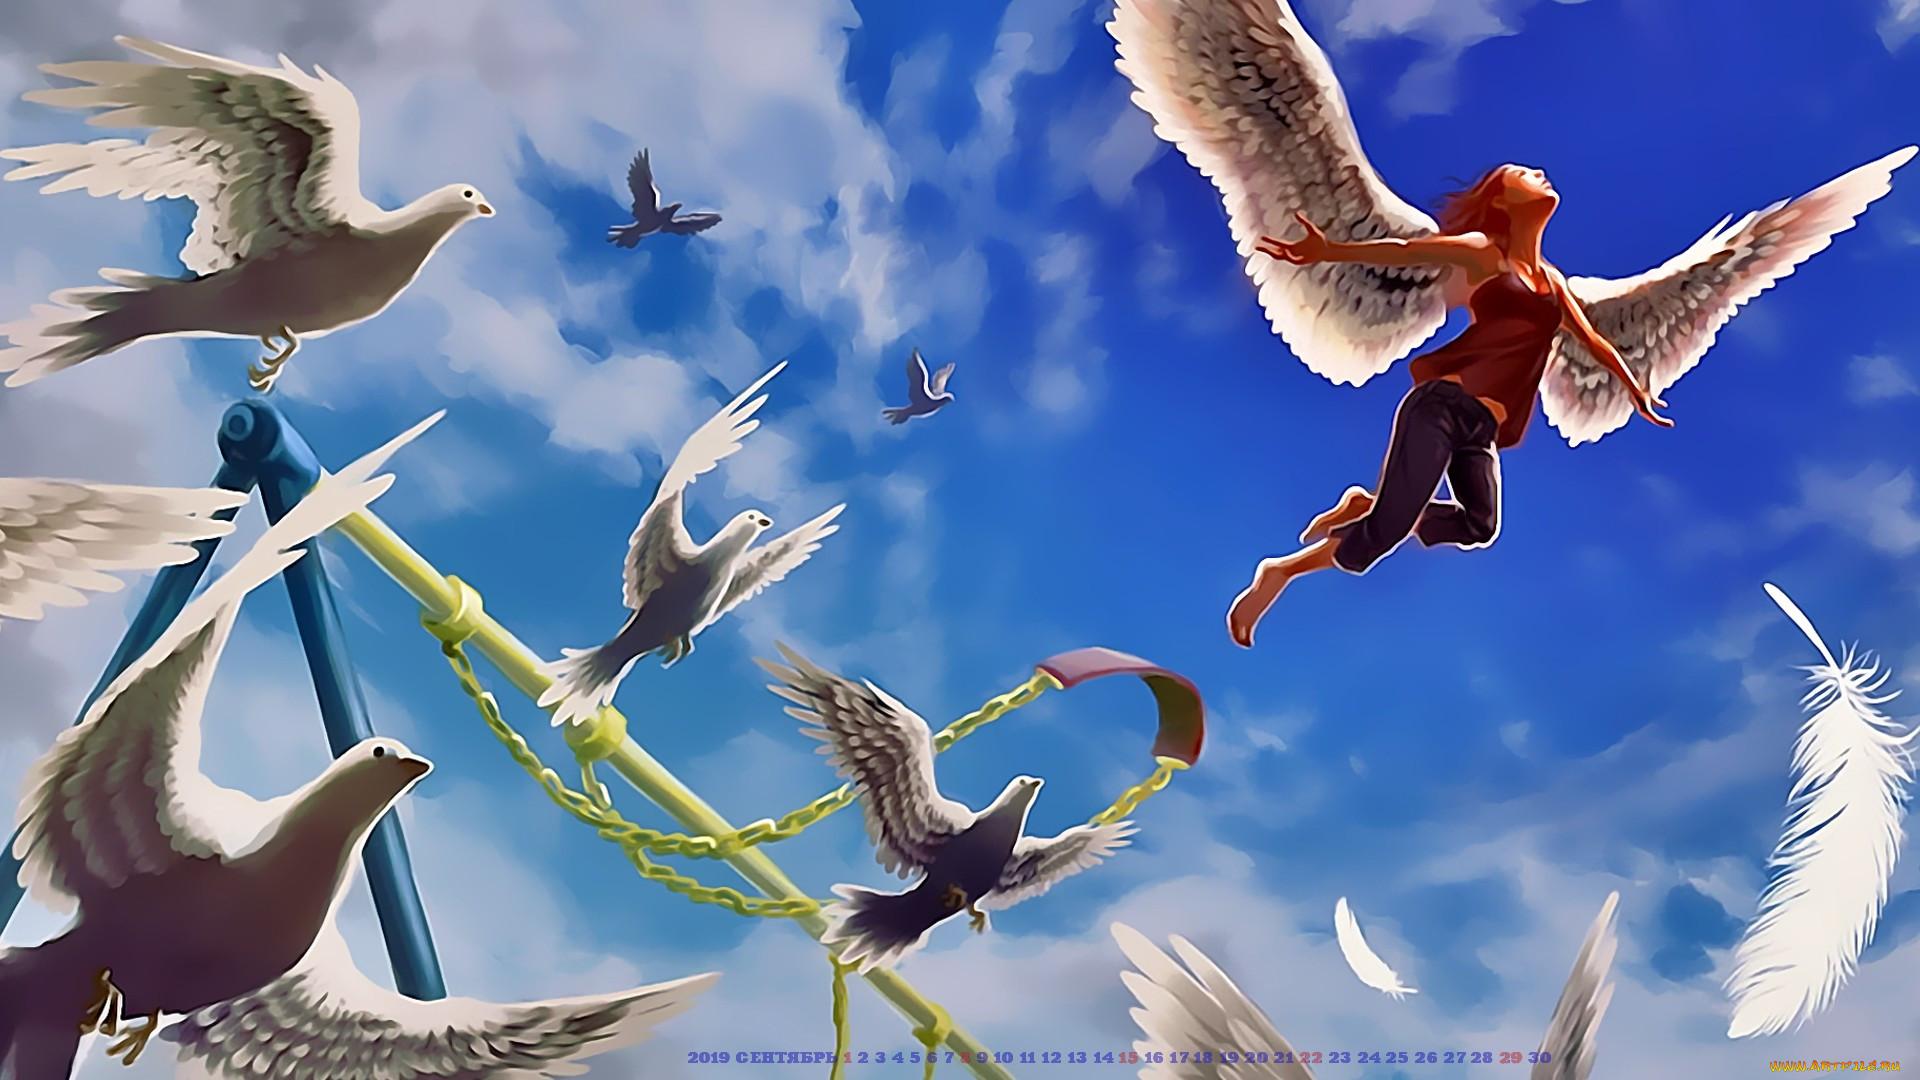 обеспечивает абсолютно я свободна как птица в небесах картинки дает свет